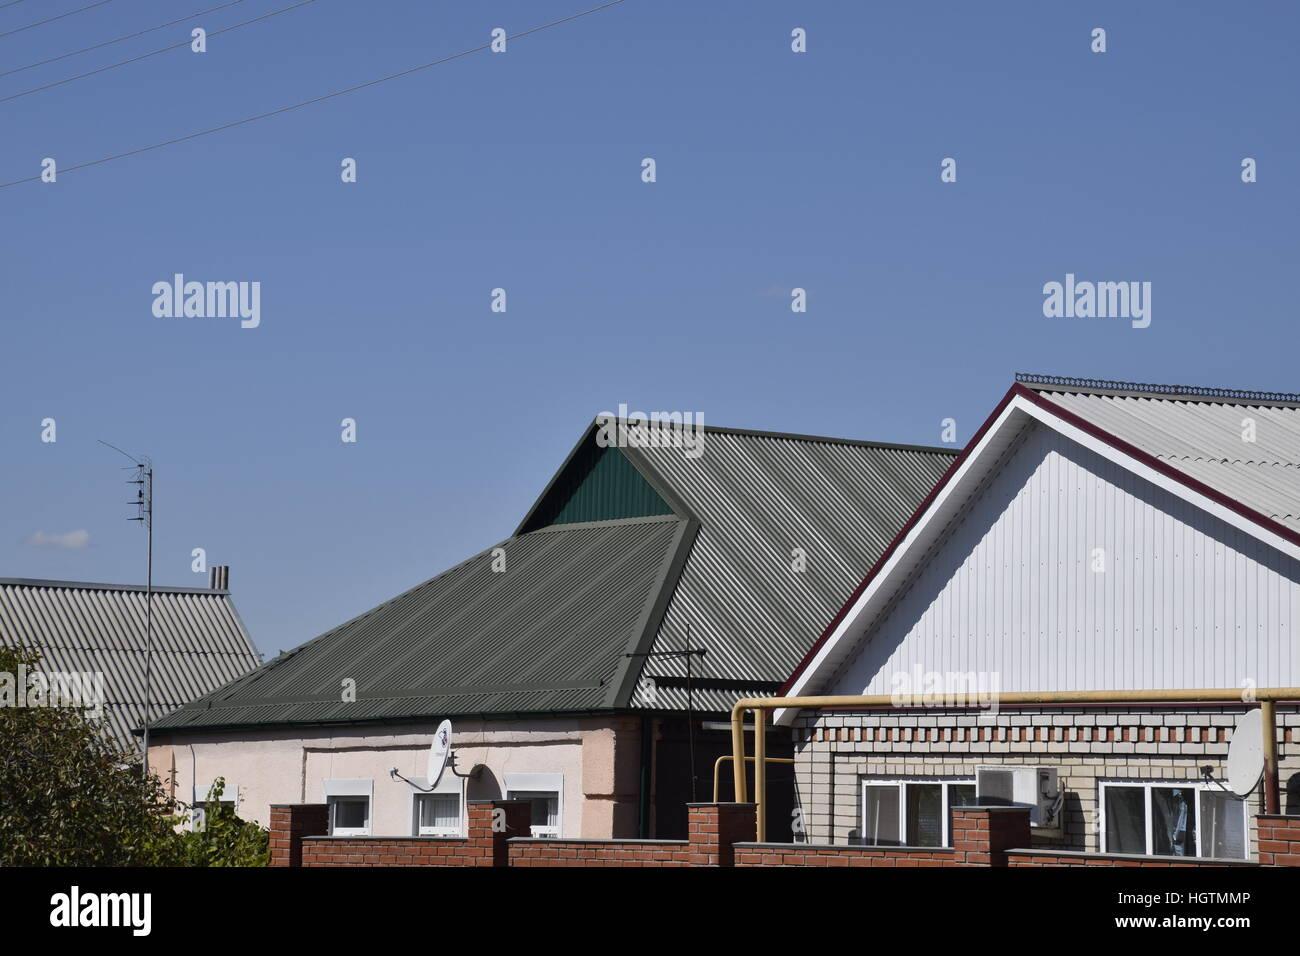 materiaux couverture toiture maison ventana blog On materiaux couverture toiture maison